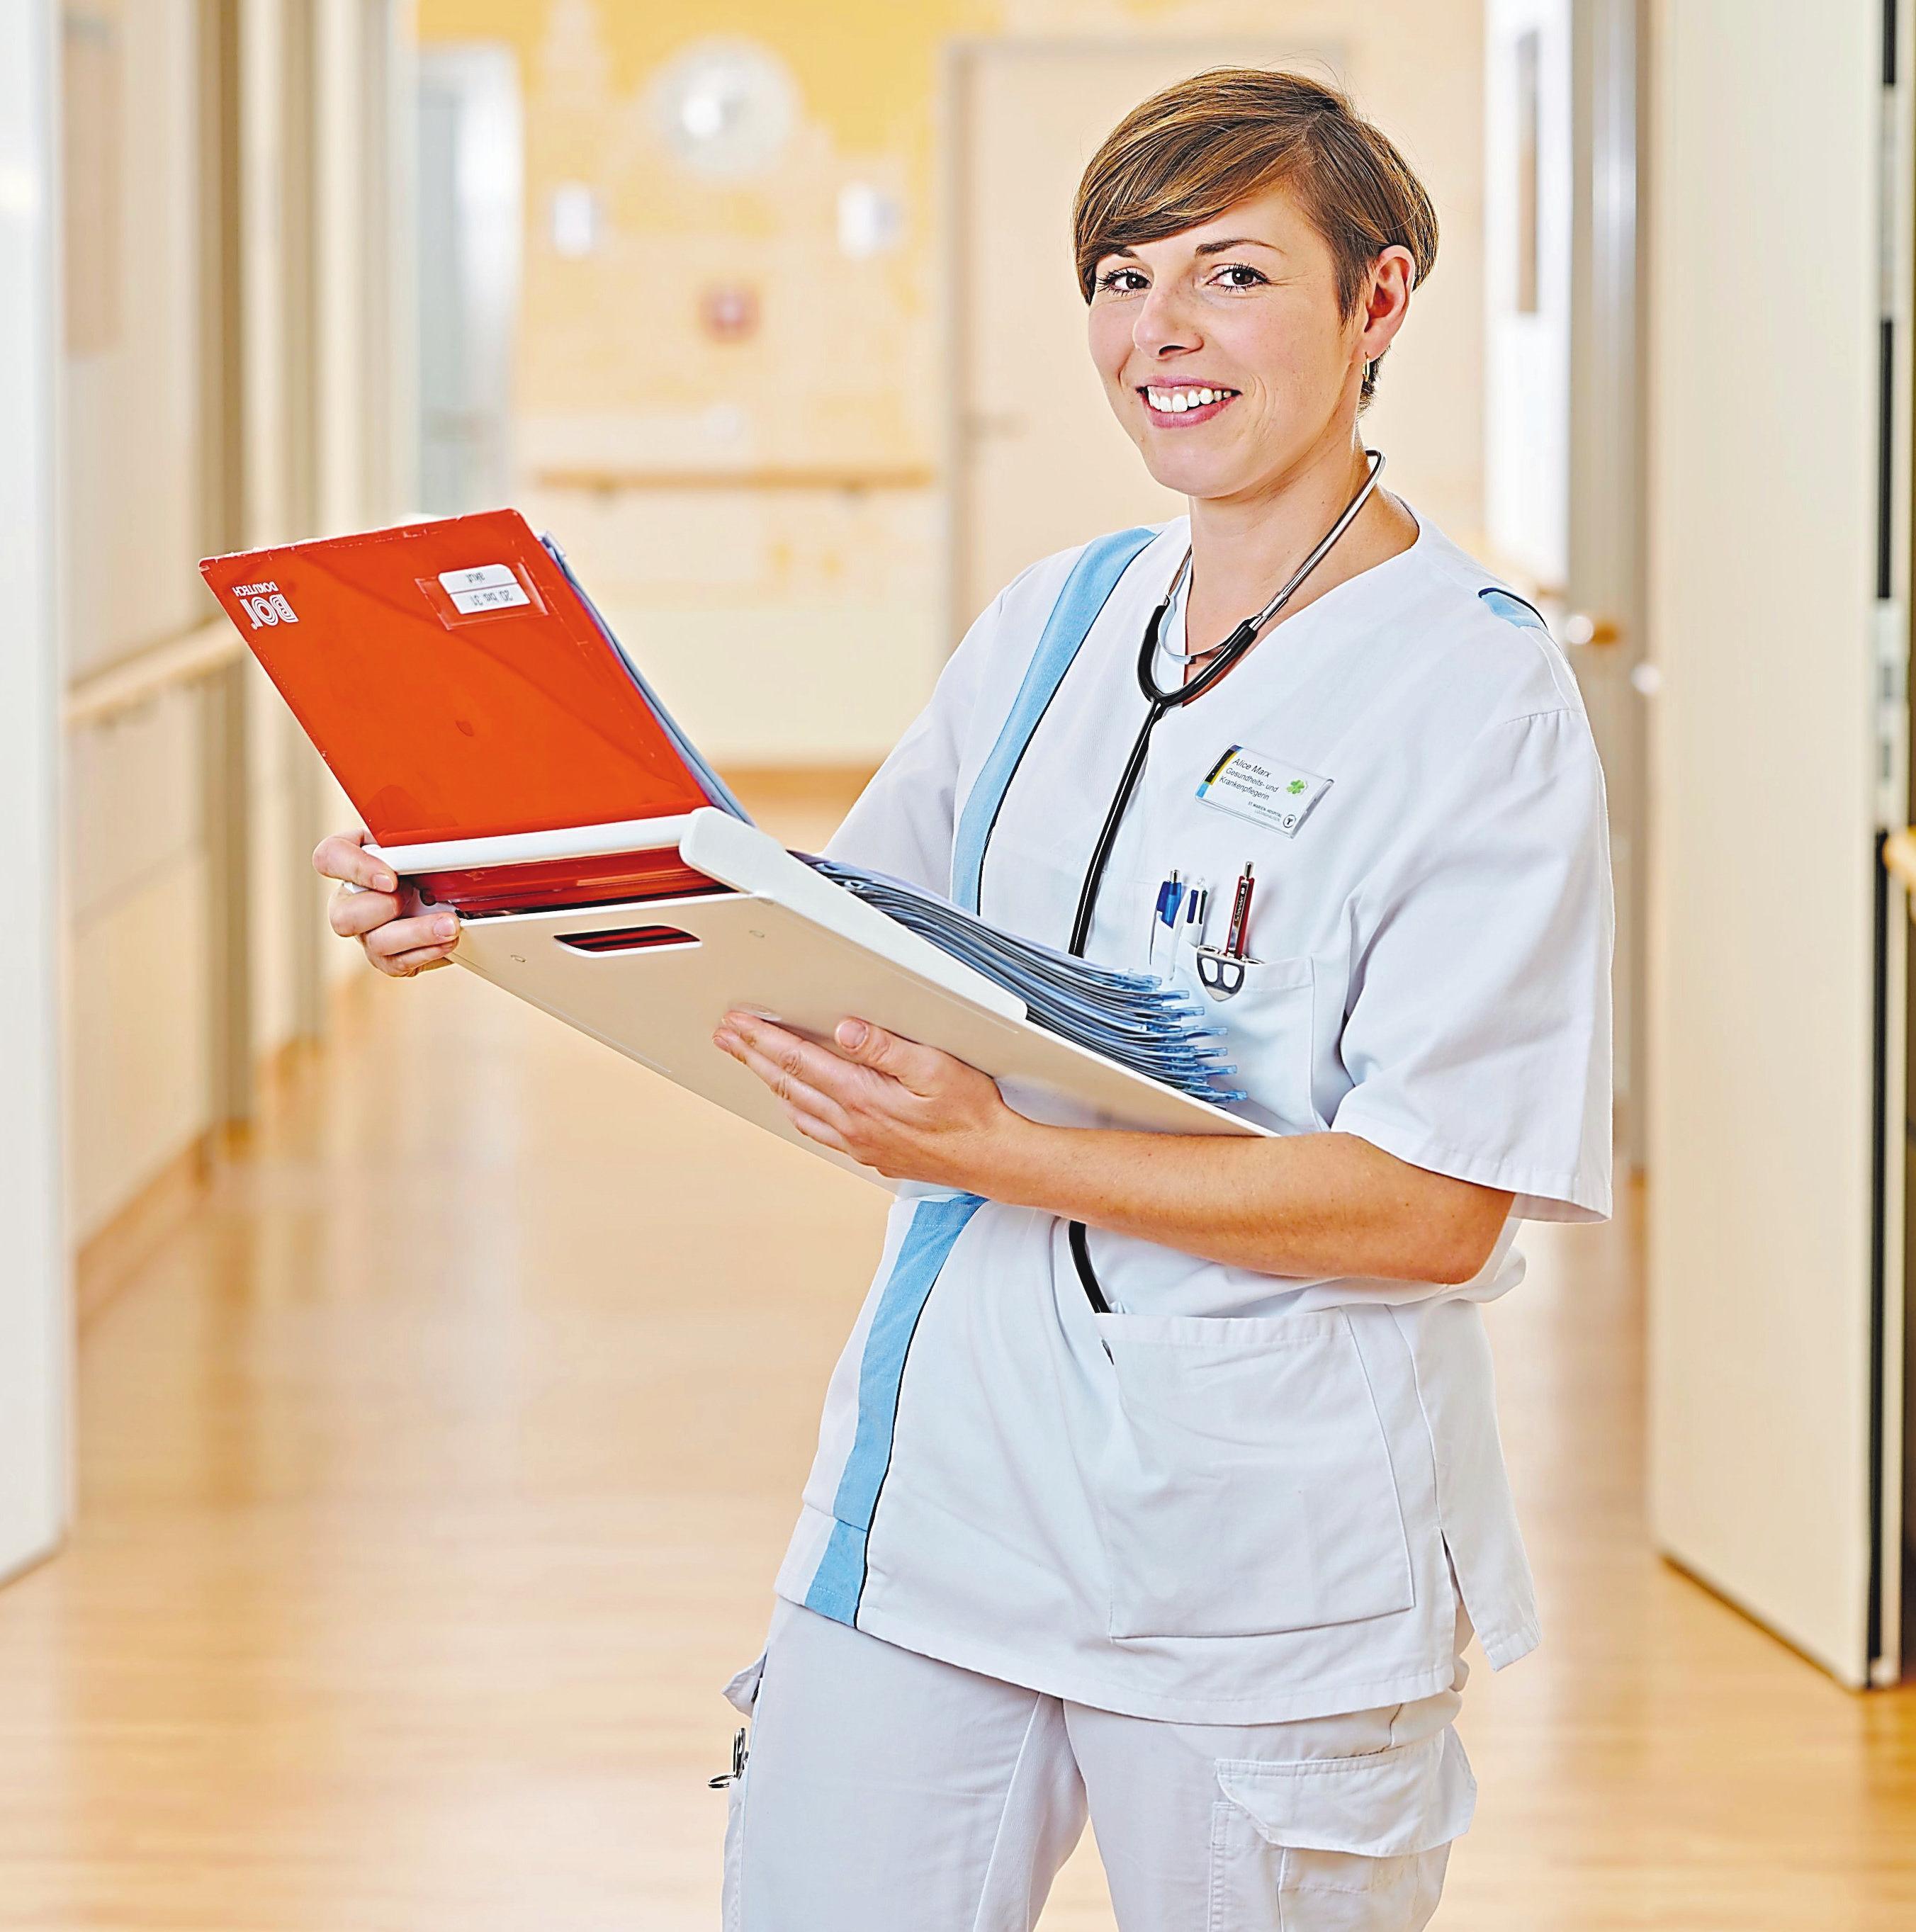 Alice Marx ist ausgebildete Gesundheits- und Krankenpfleger. Gemeinsam mit weiteren Kolleginnen und Kollegen unterstützt sie die Pflege-Personalkampagne. Fotos: St. Marien-Hospital Lüdinghausen